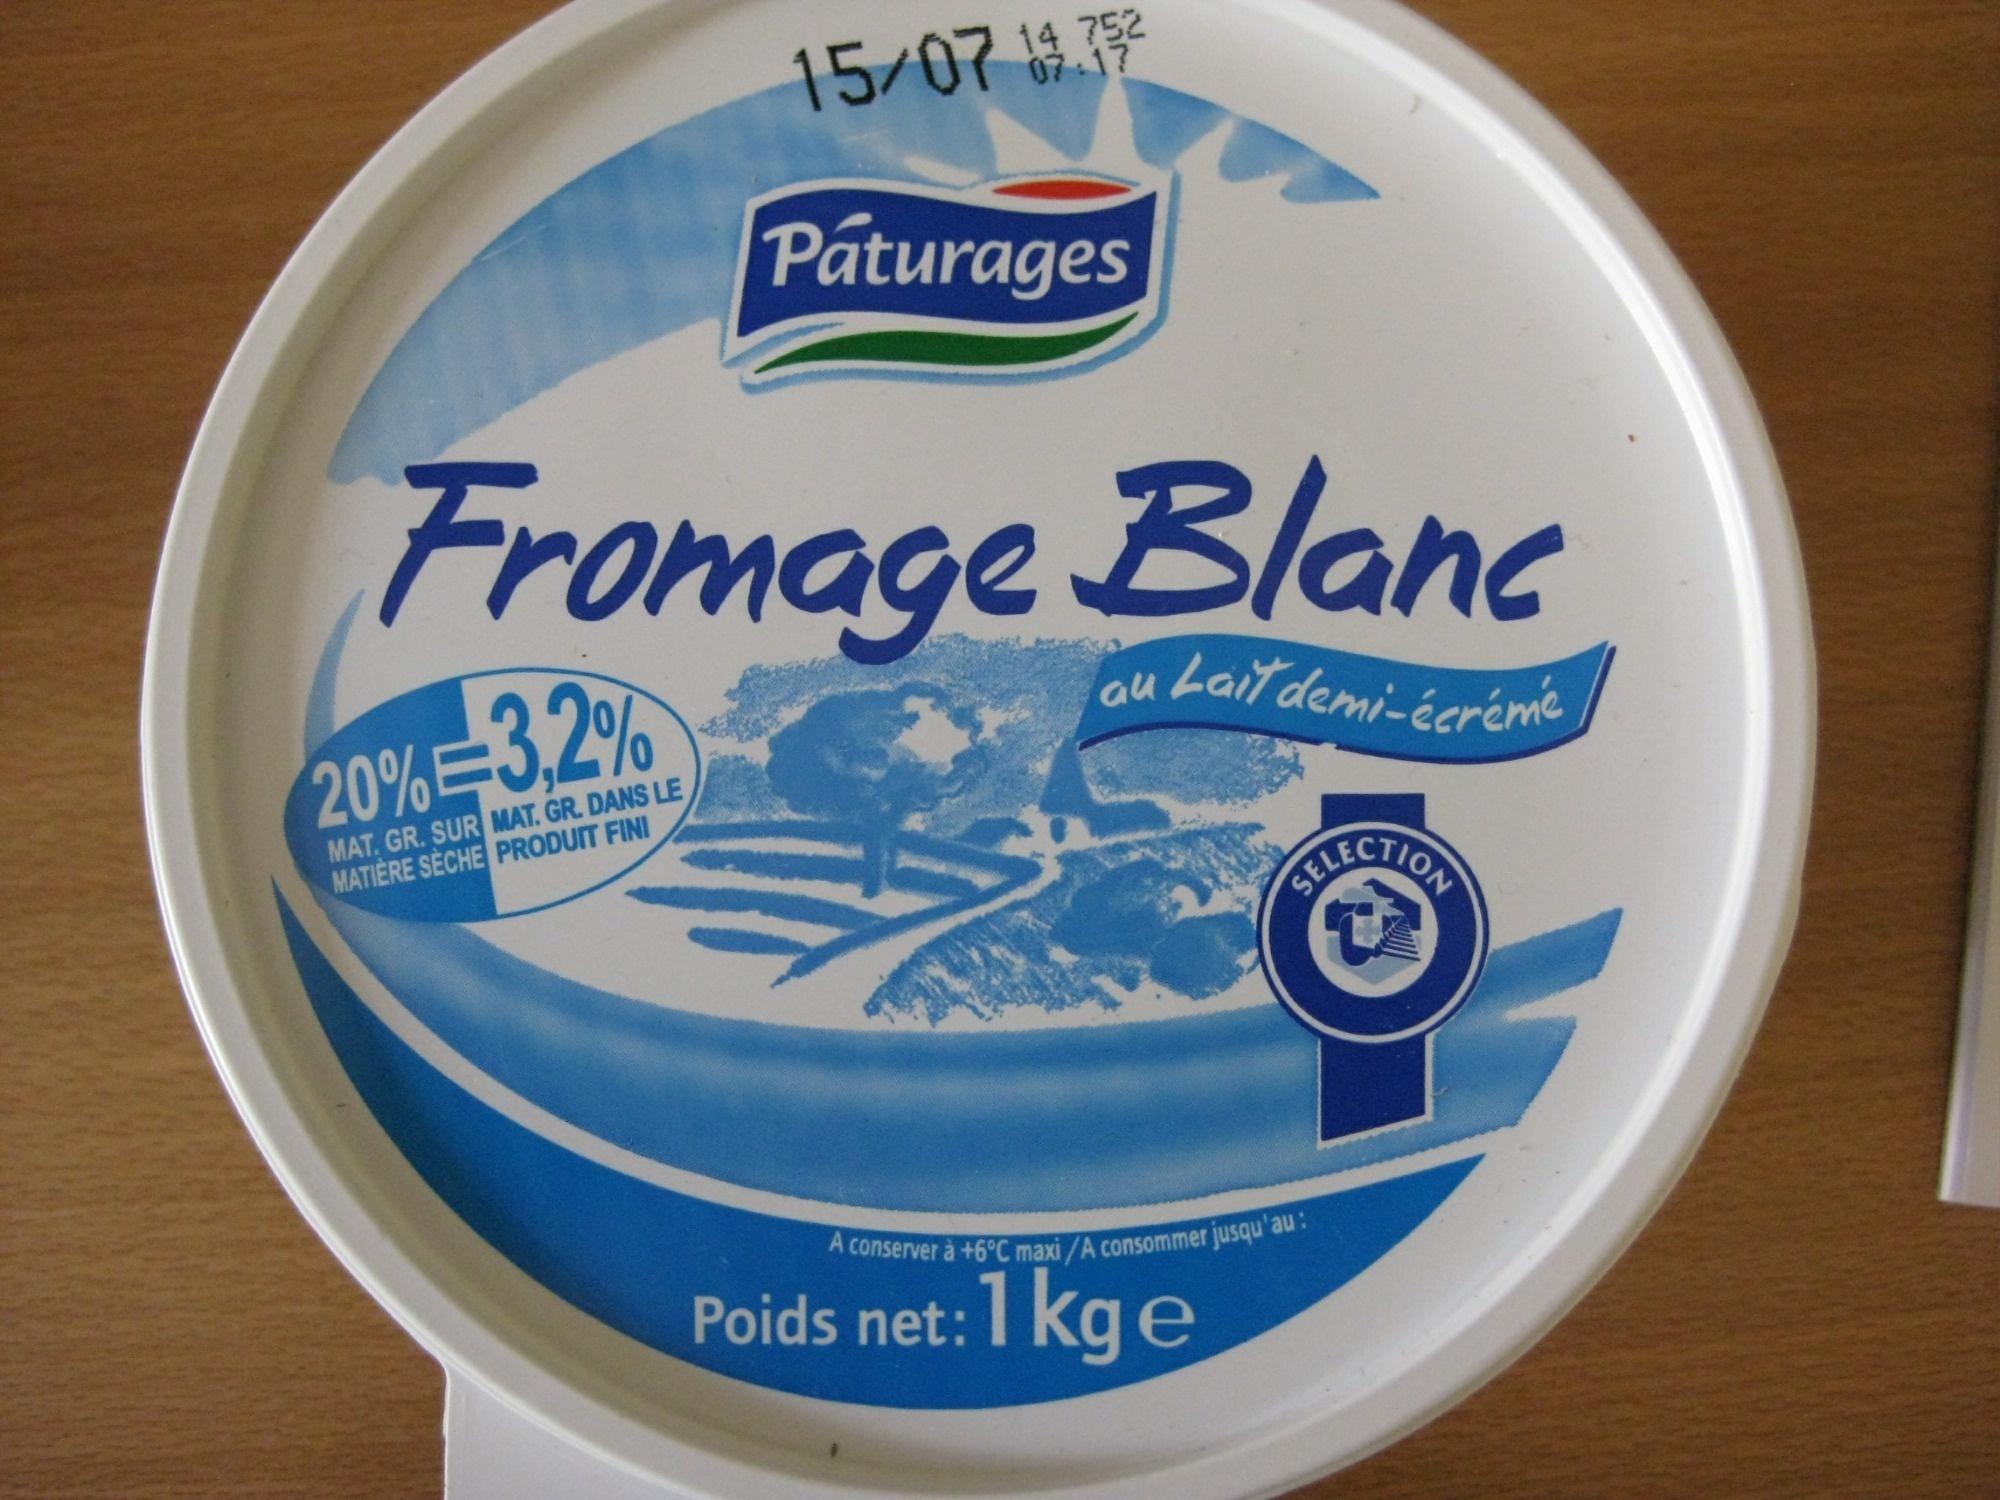 Fromage Blanc au lait demi-écrémé - Produit